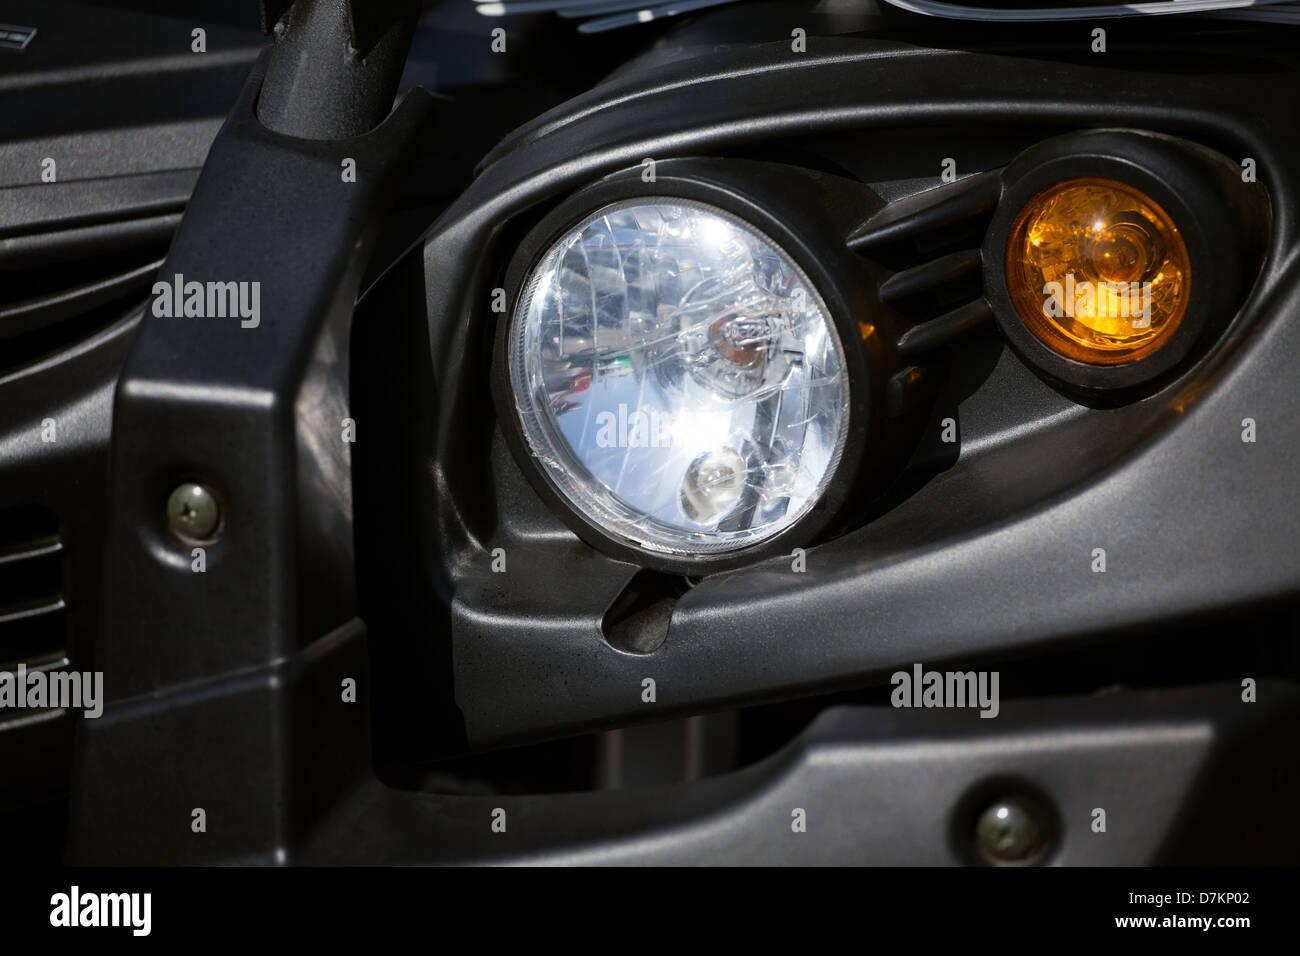 jeep head lights black - Stock Image